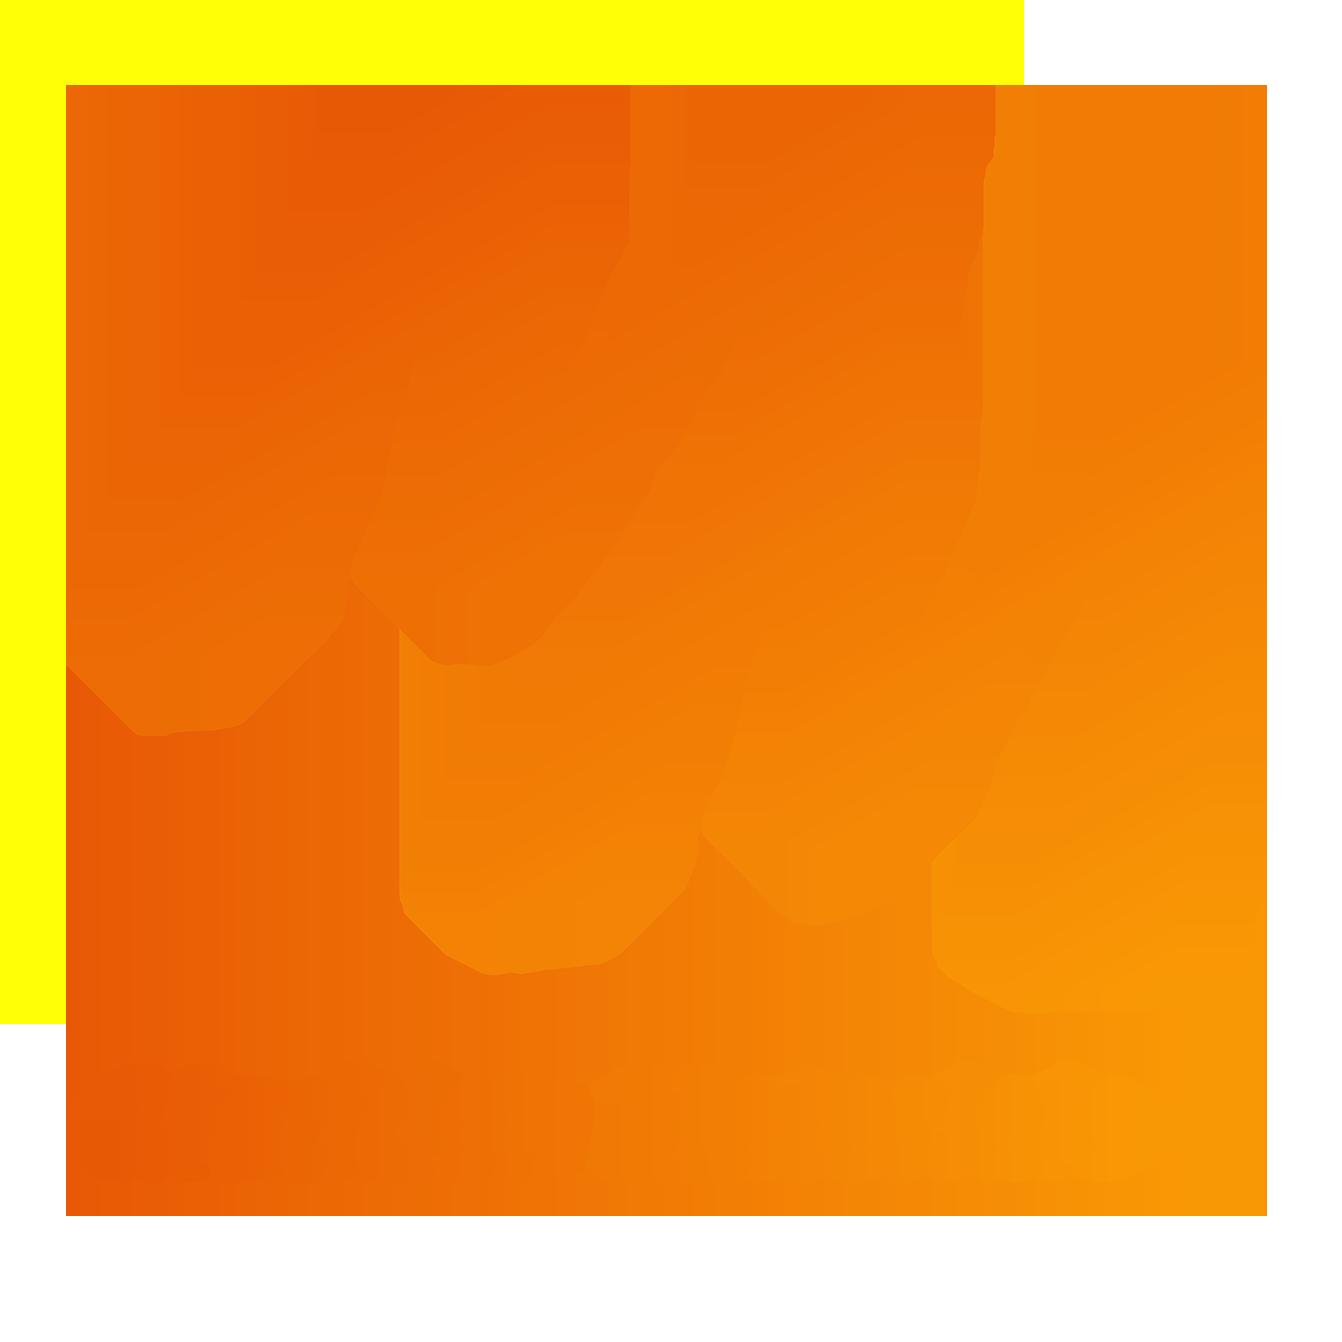 Madden Materials